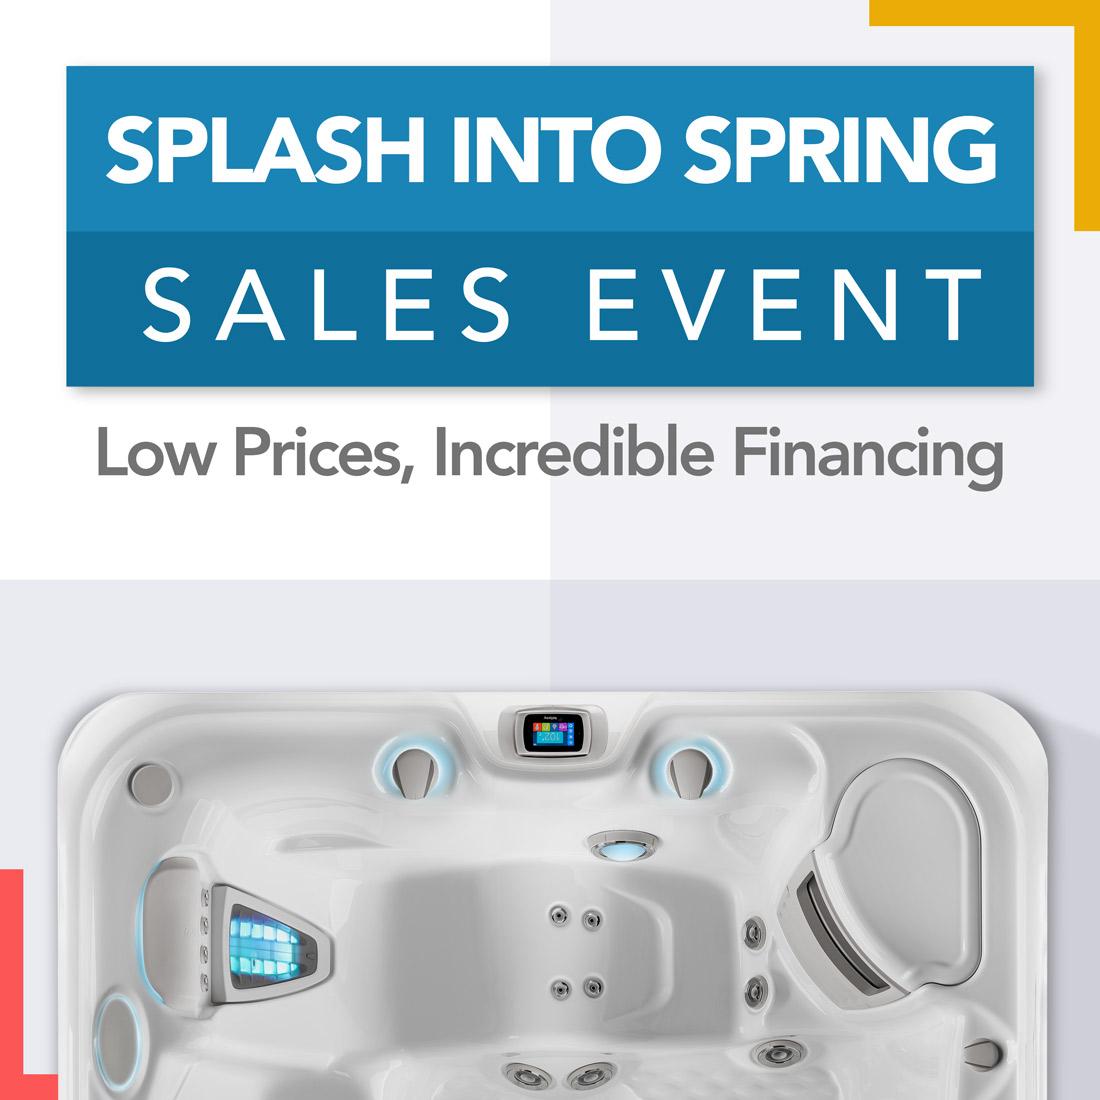 Splash Into Spring Savings Event